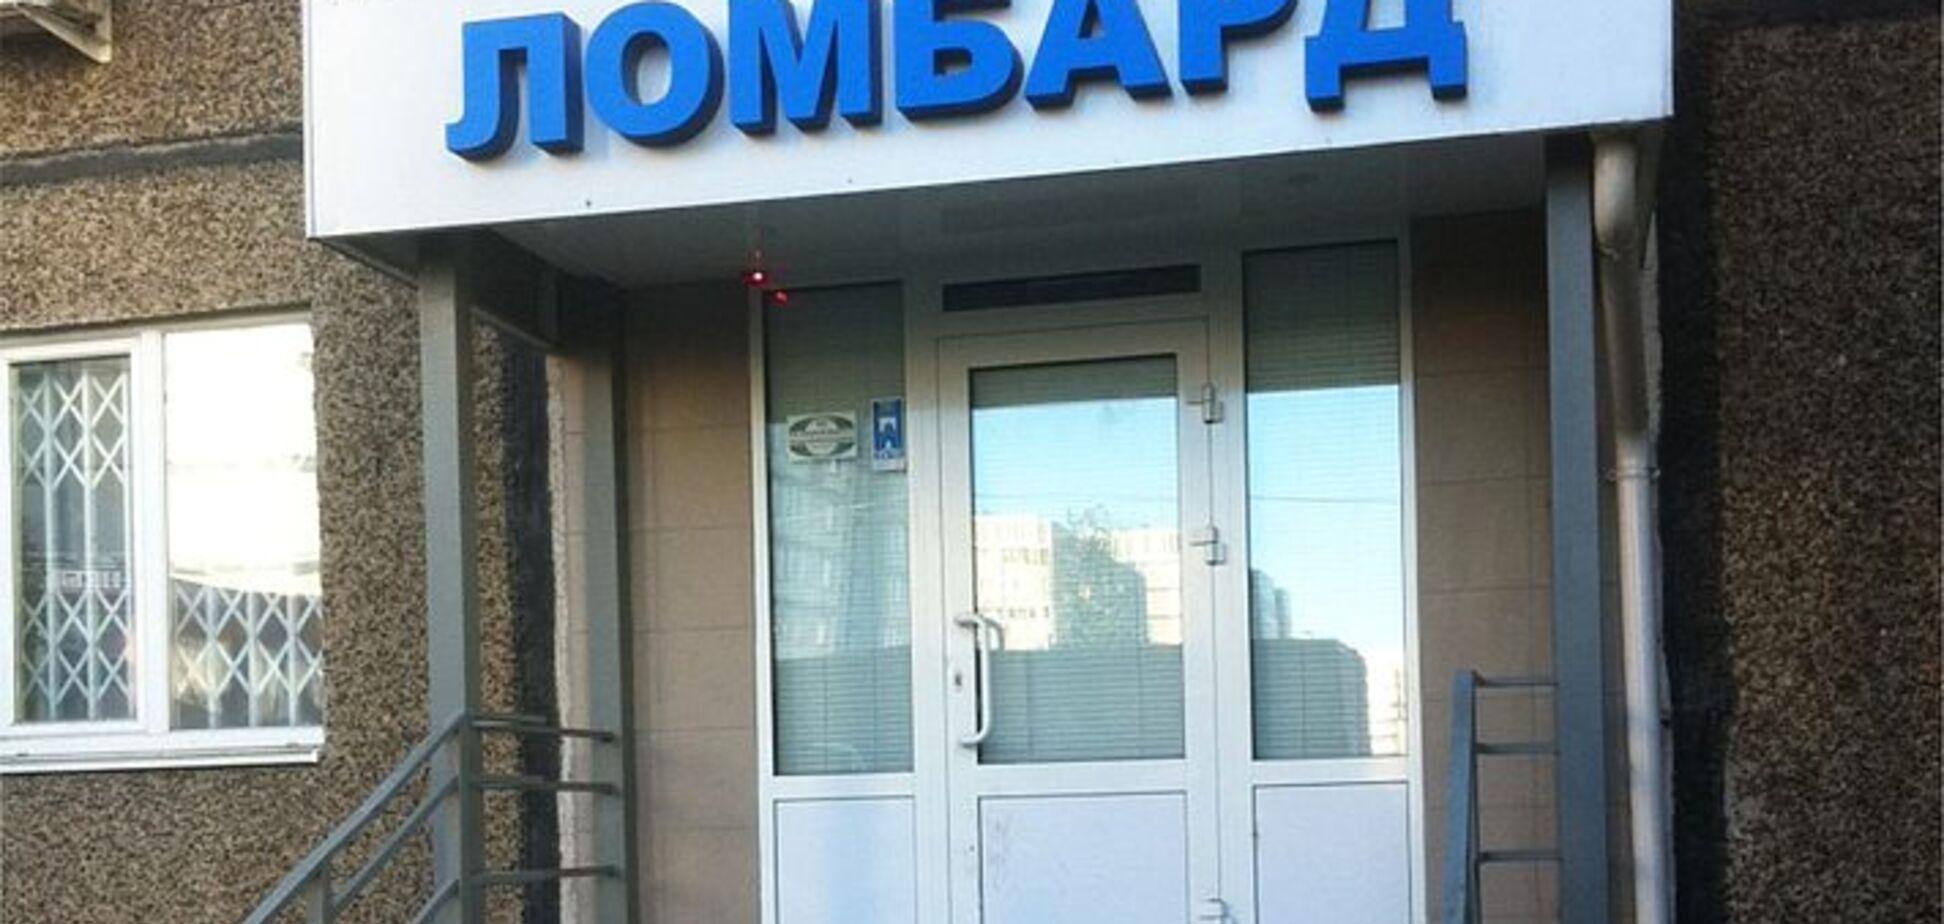 'Судьи 'крышуют' преступников': сеть возмутил инцидент с ломбардом в Виннице